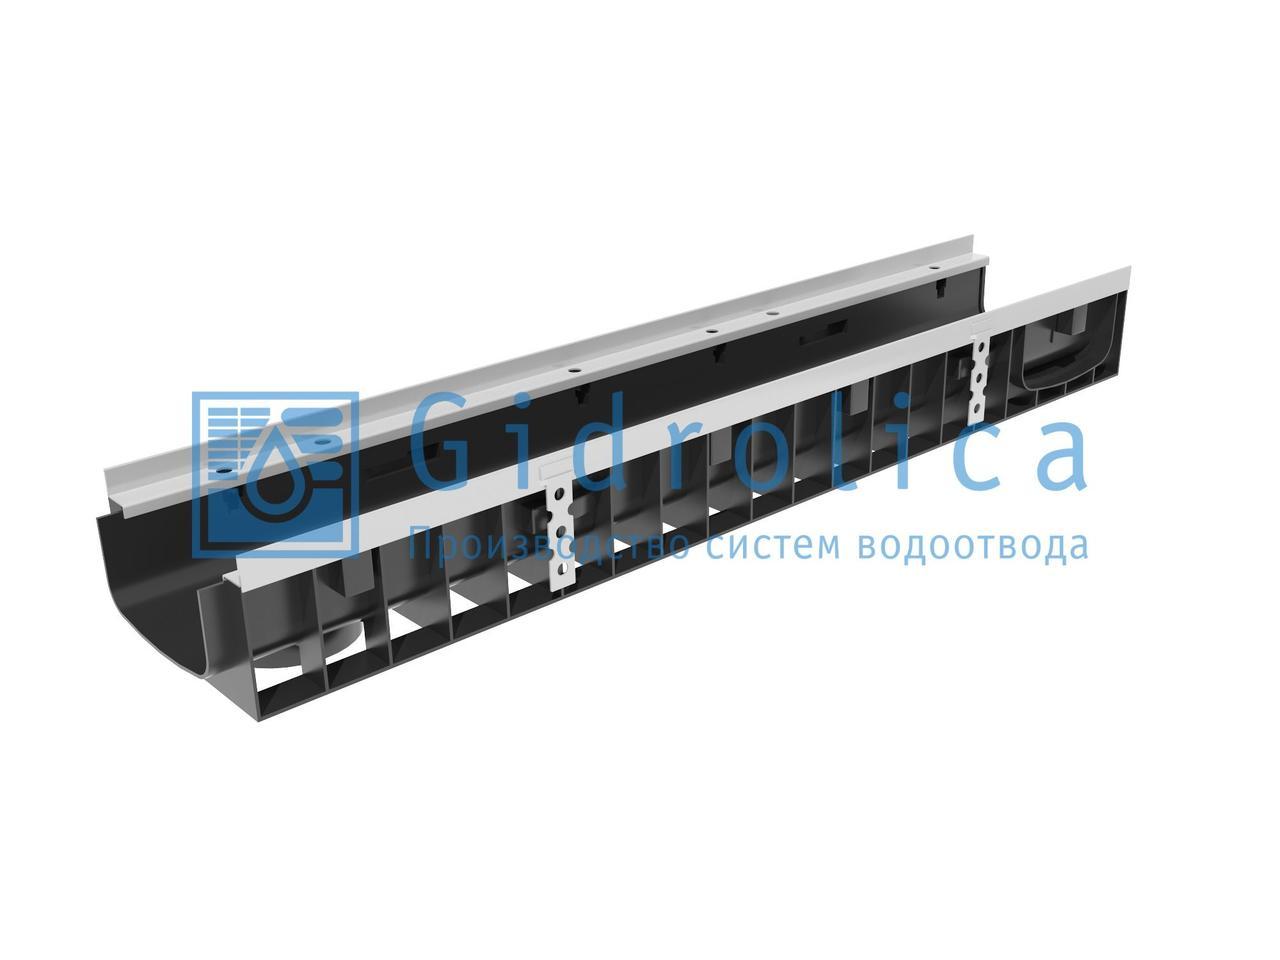 Пескоуловитель Gidrolica Standart Plus ПУ-20.24,6.46 - пластиковый универсальный для лотков пластиковых DN150 и DN200 (усиленный)